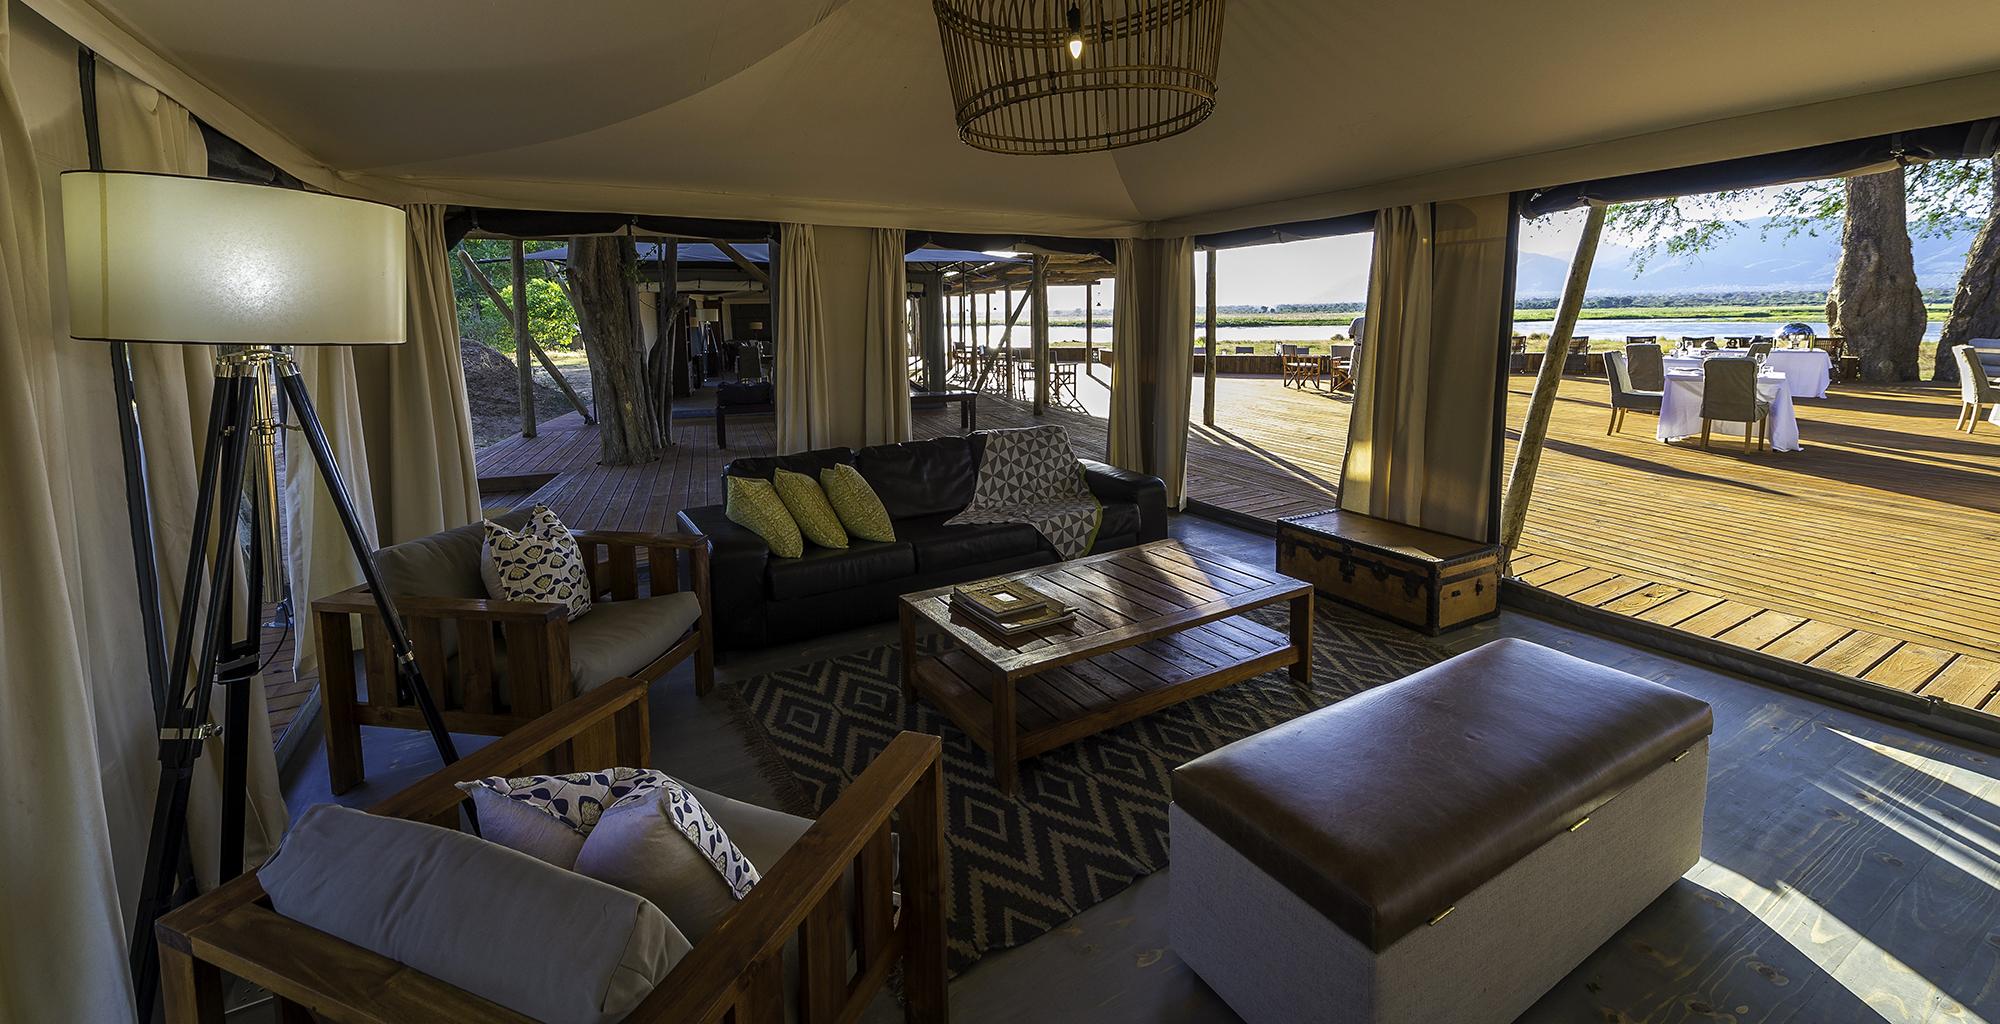 Zimbabwe-Ruckomechi-Lounge